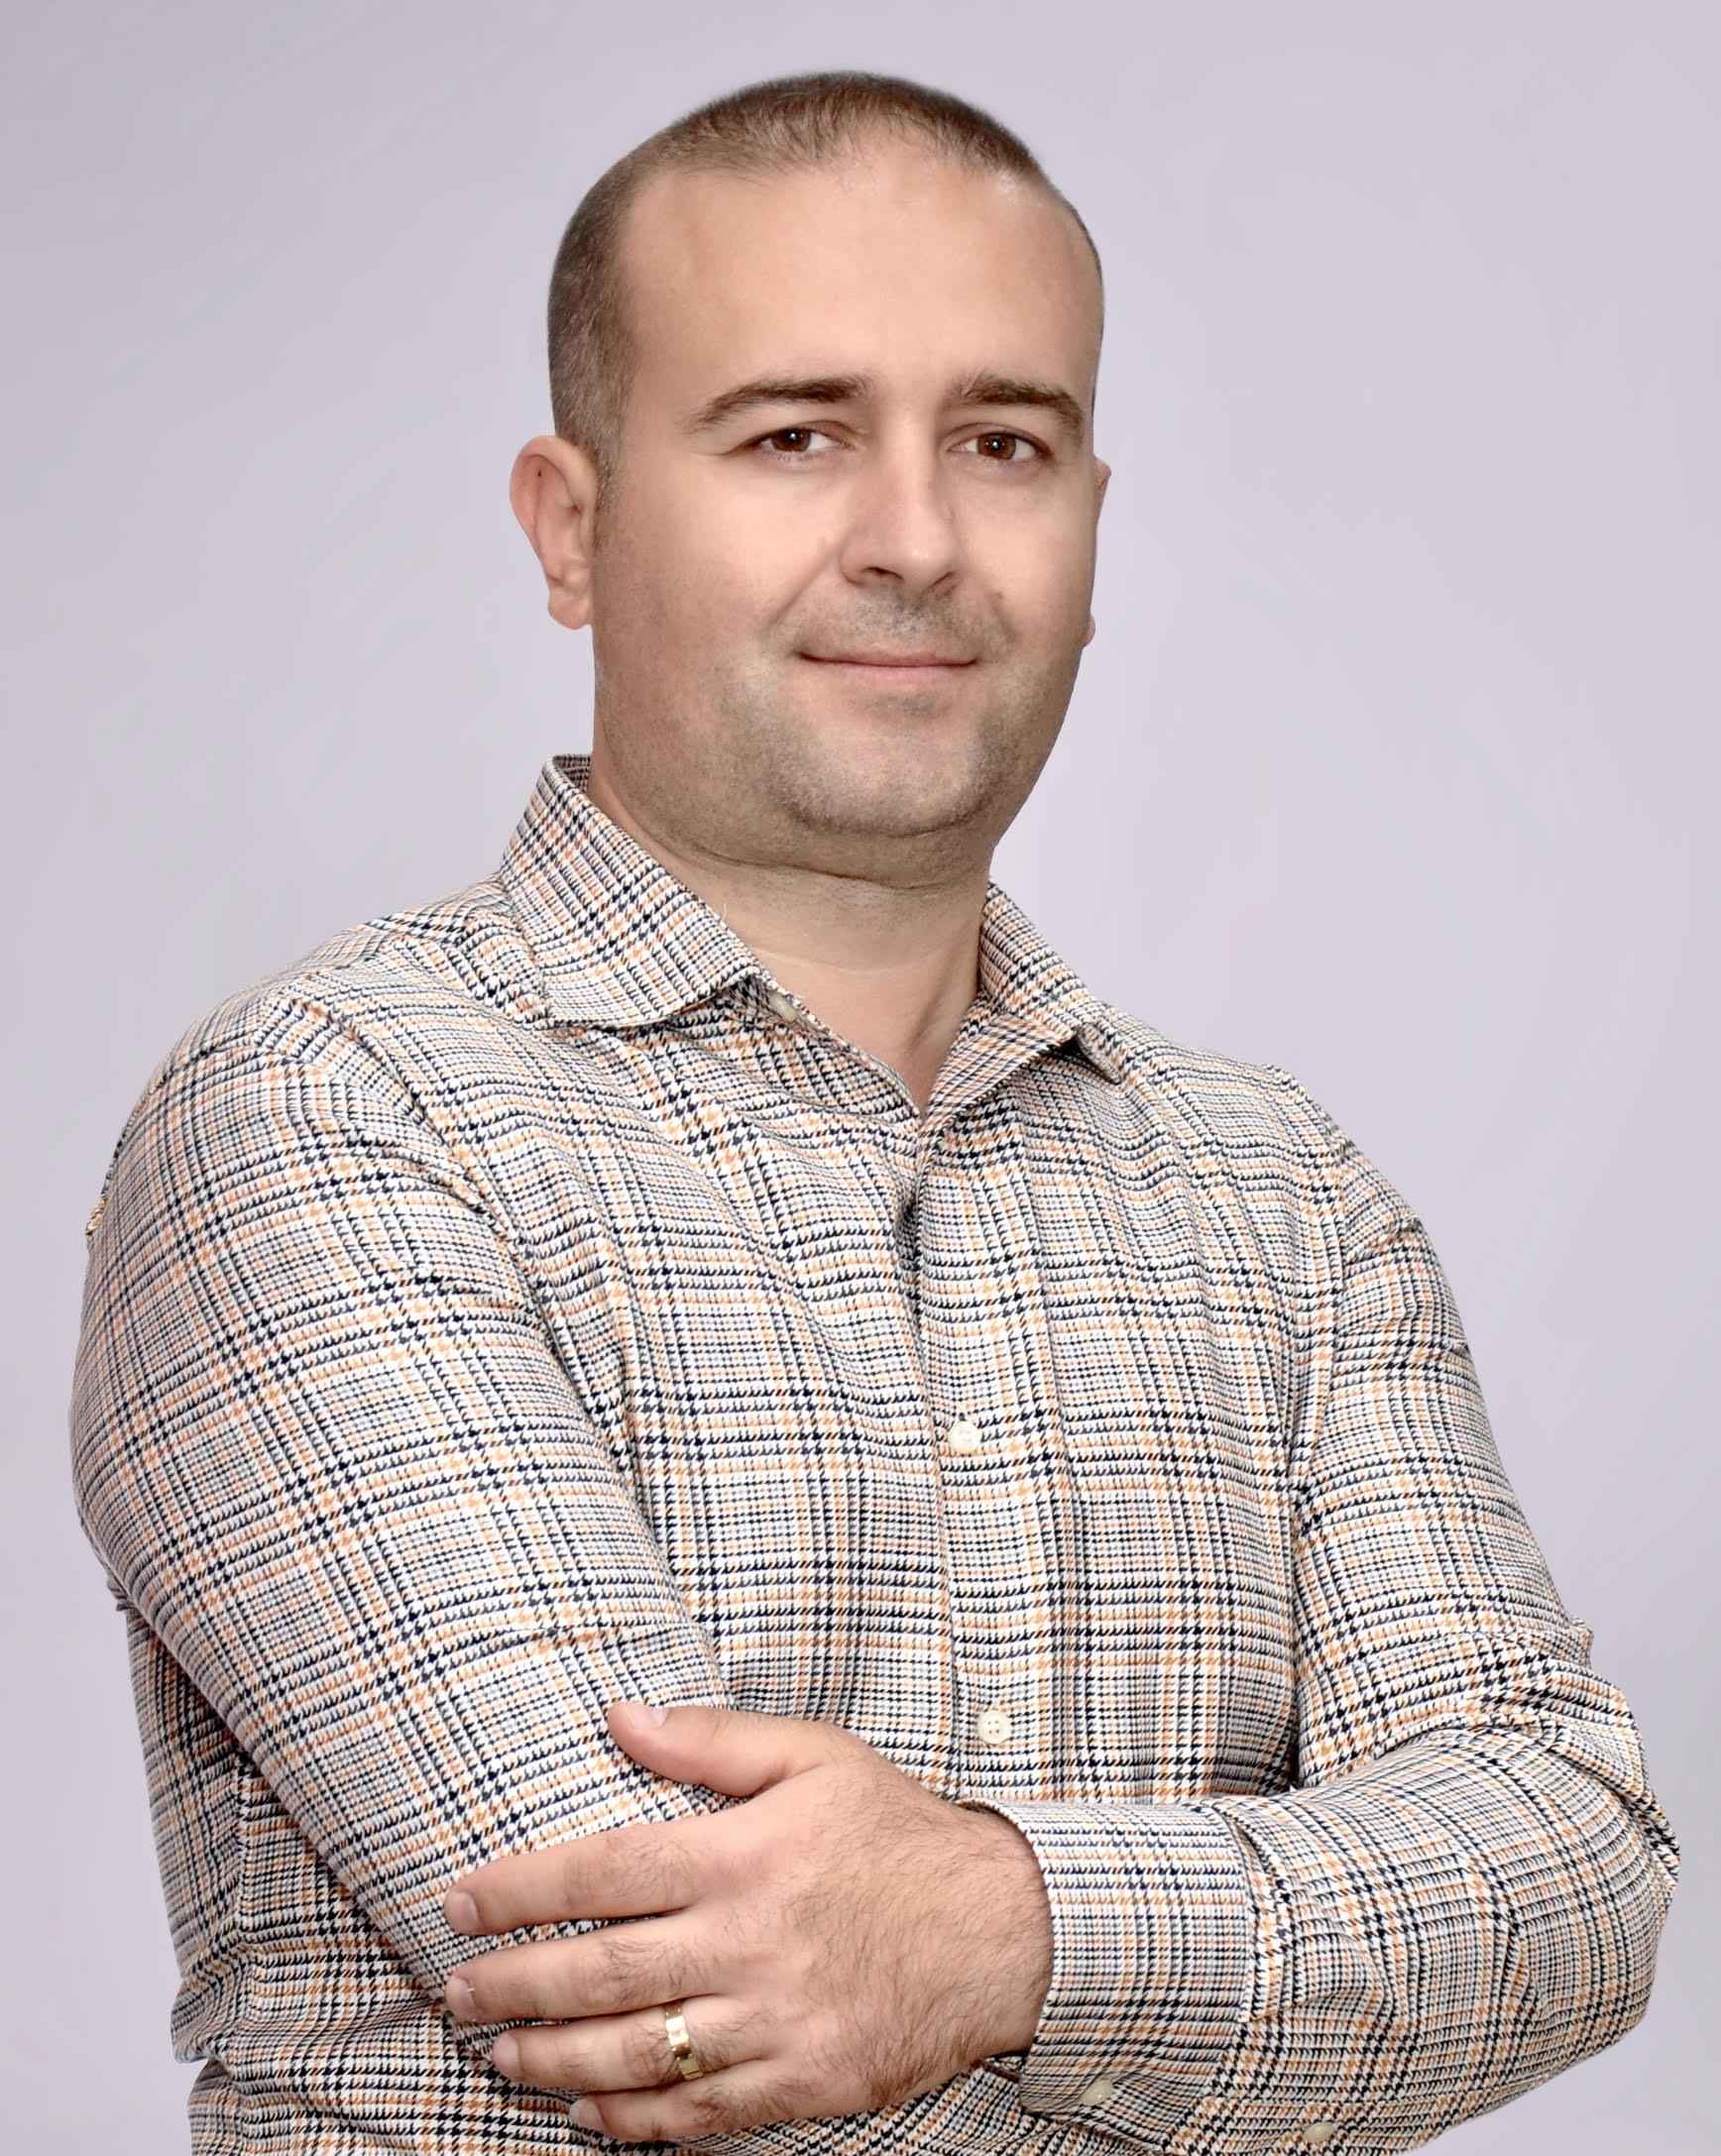 Valmir Sadiku